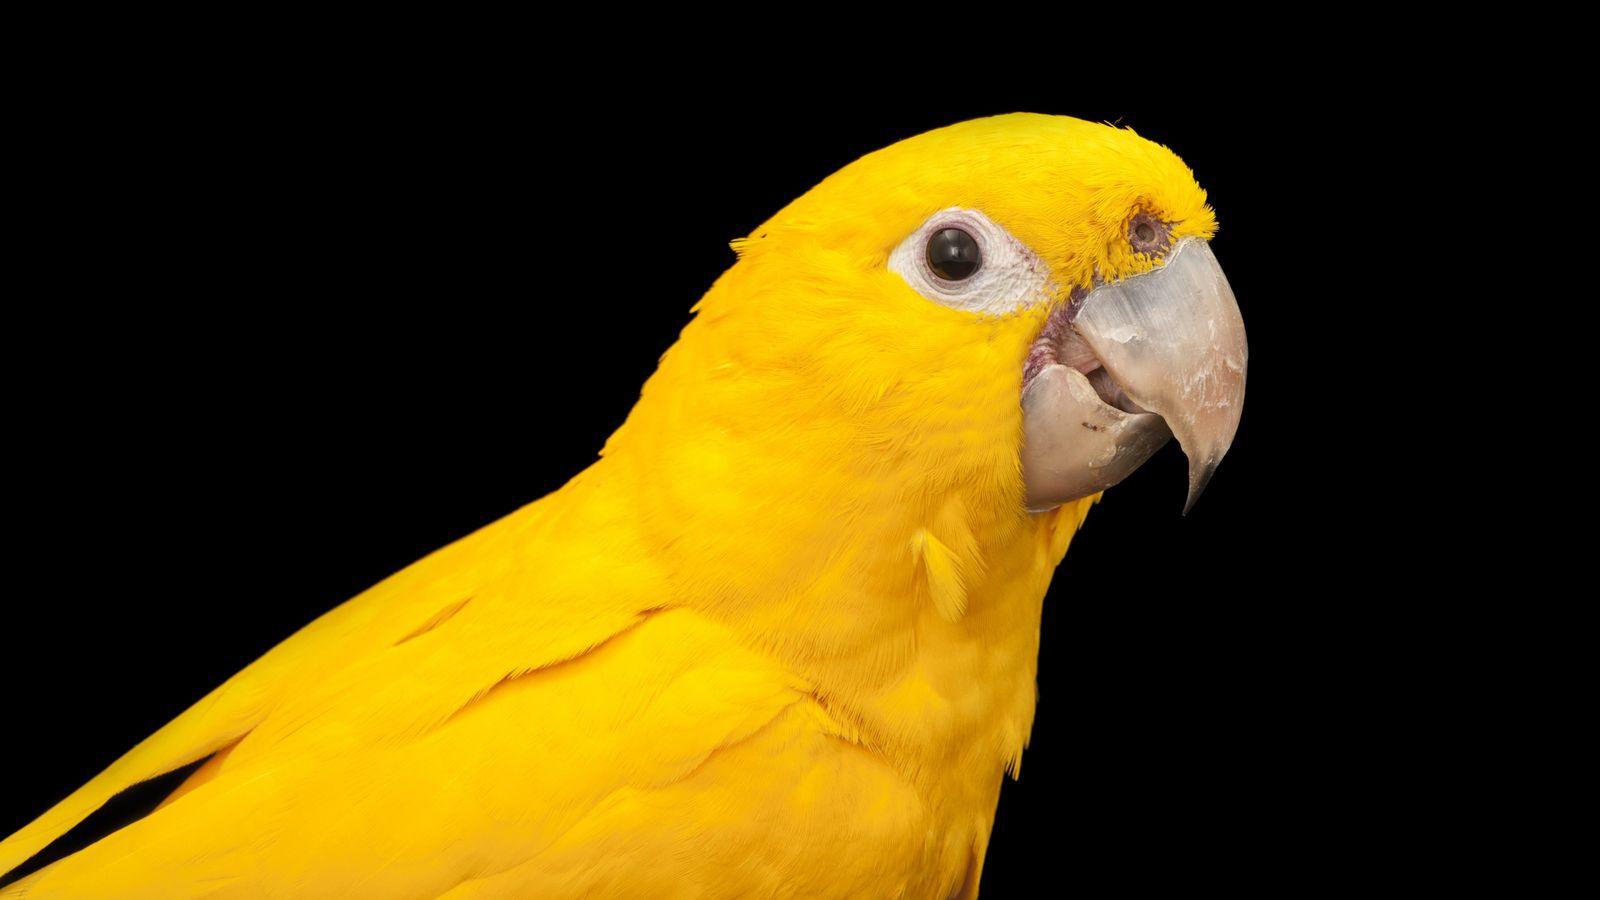 Verde e amarelo: as cores da ave amazônica trazem uma conexão imediata com a bandeira nacional.